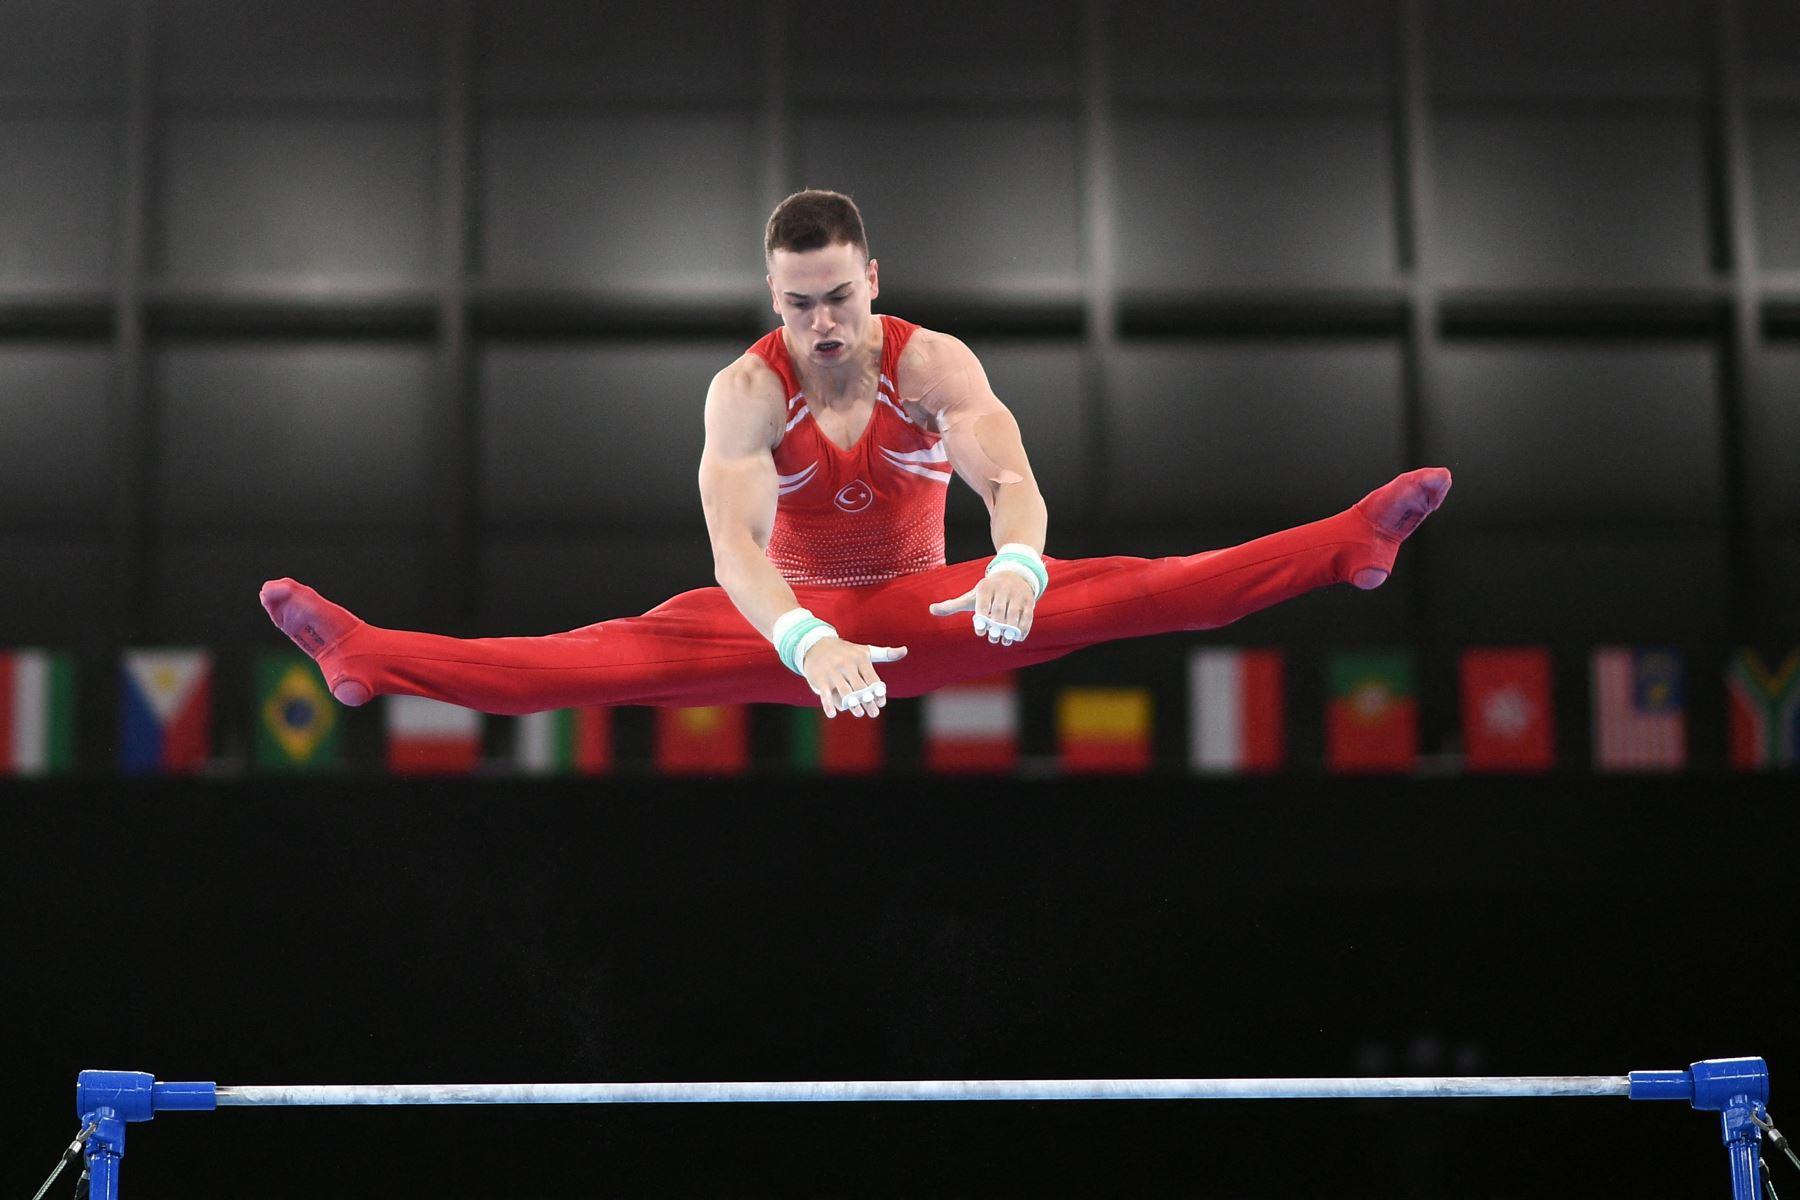 Ahmet Onder de Turquía compite en el evento de barras horizontales de la clasificación masculina de gimnasia artística durante los Juegos Olímpicos de Tokio 2020 en el Centro de Gimnasia Ariake en Tokio. Foto: AFP